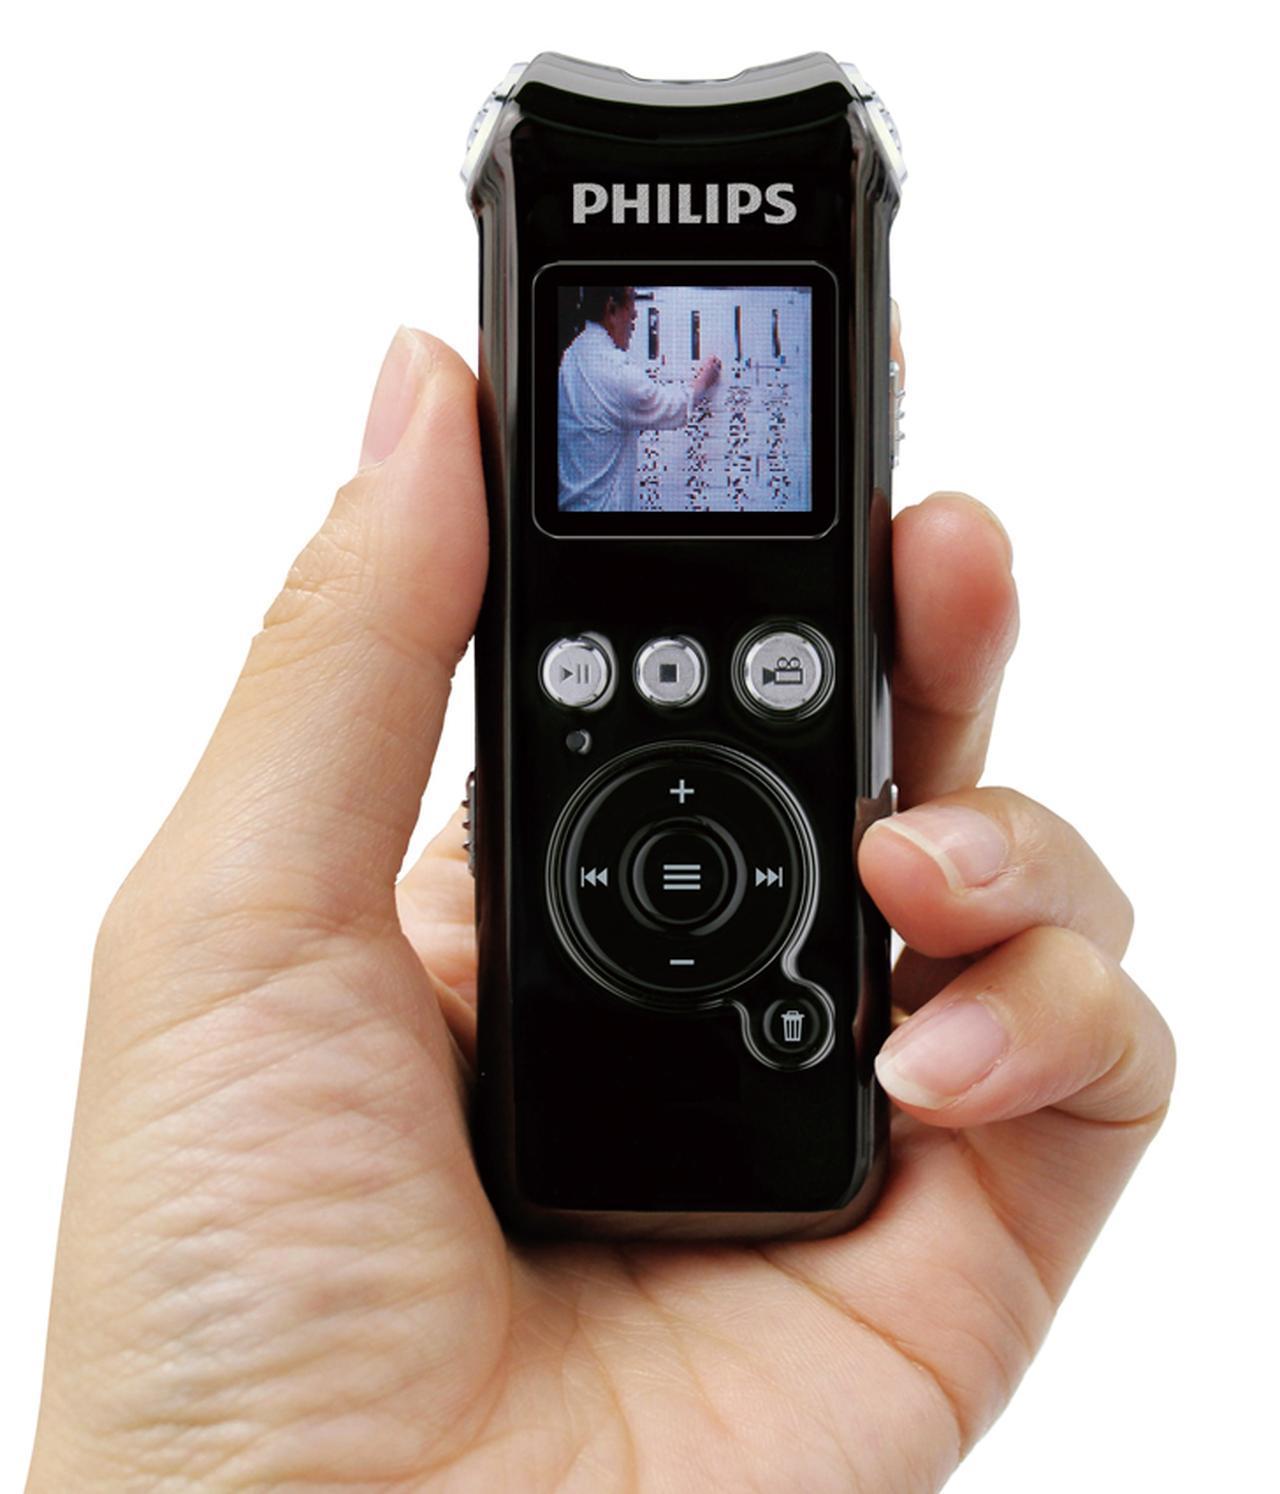 画像: PHILIPS VTR8010/5810/5200/5100